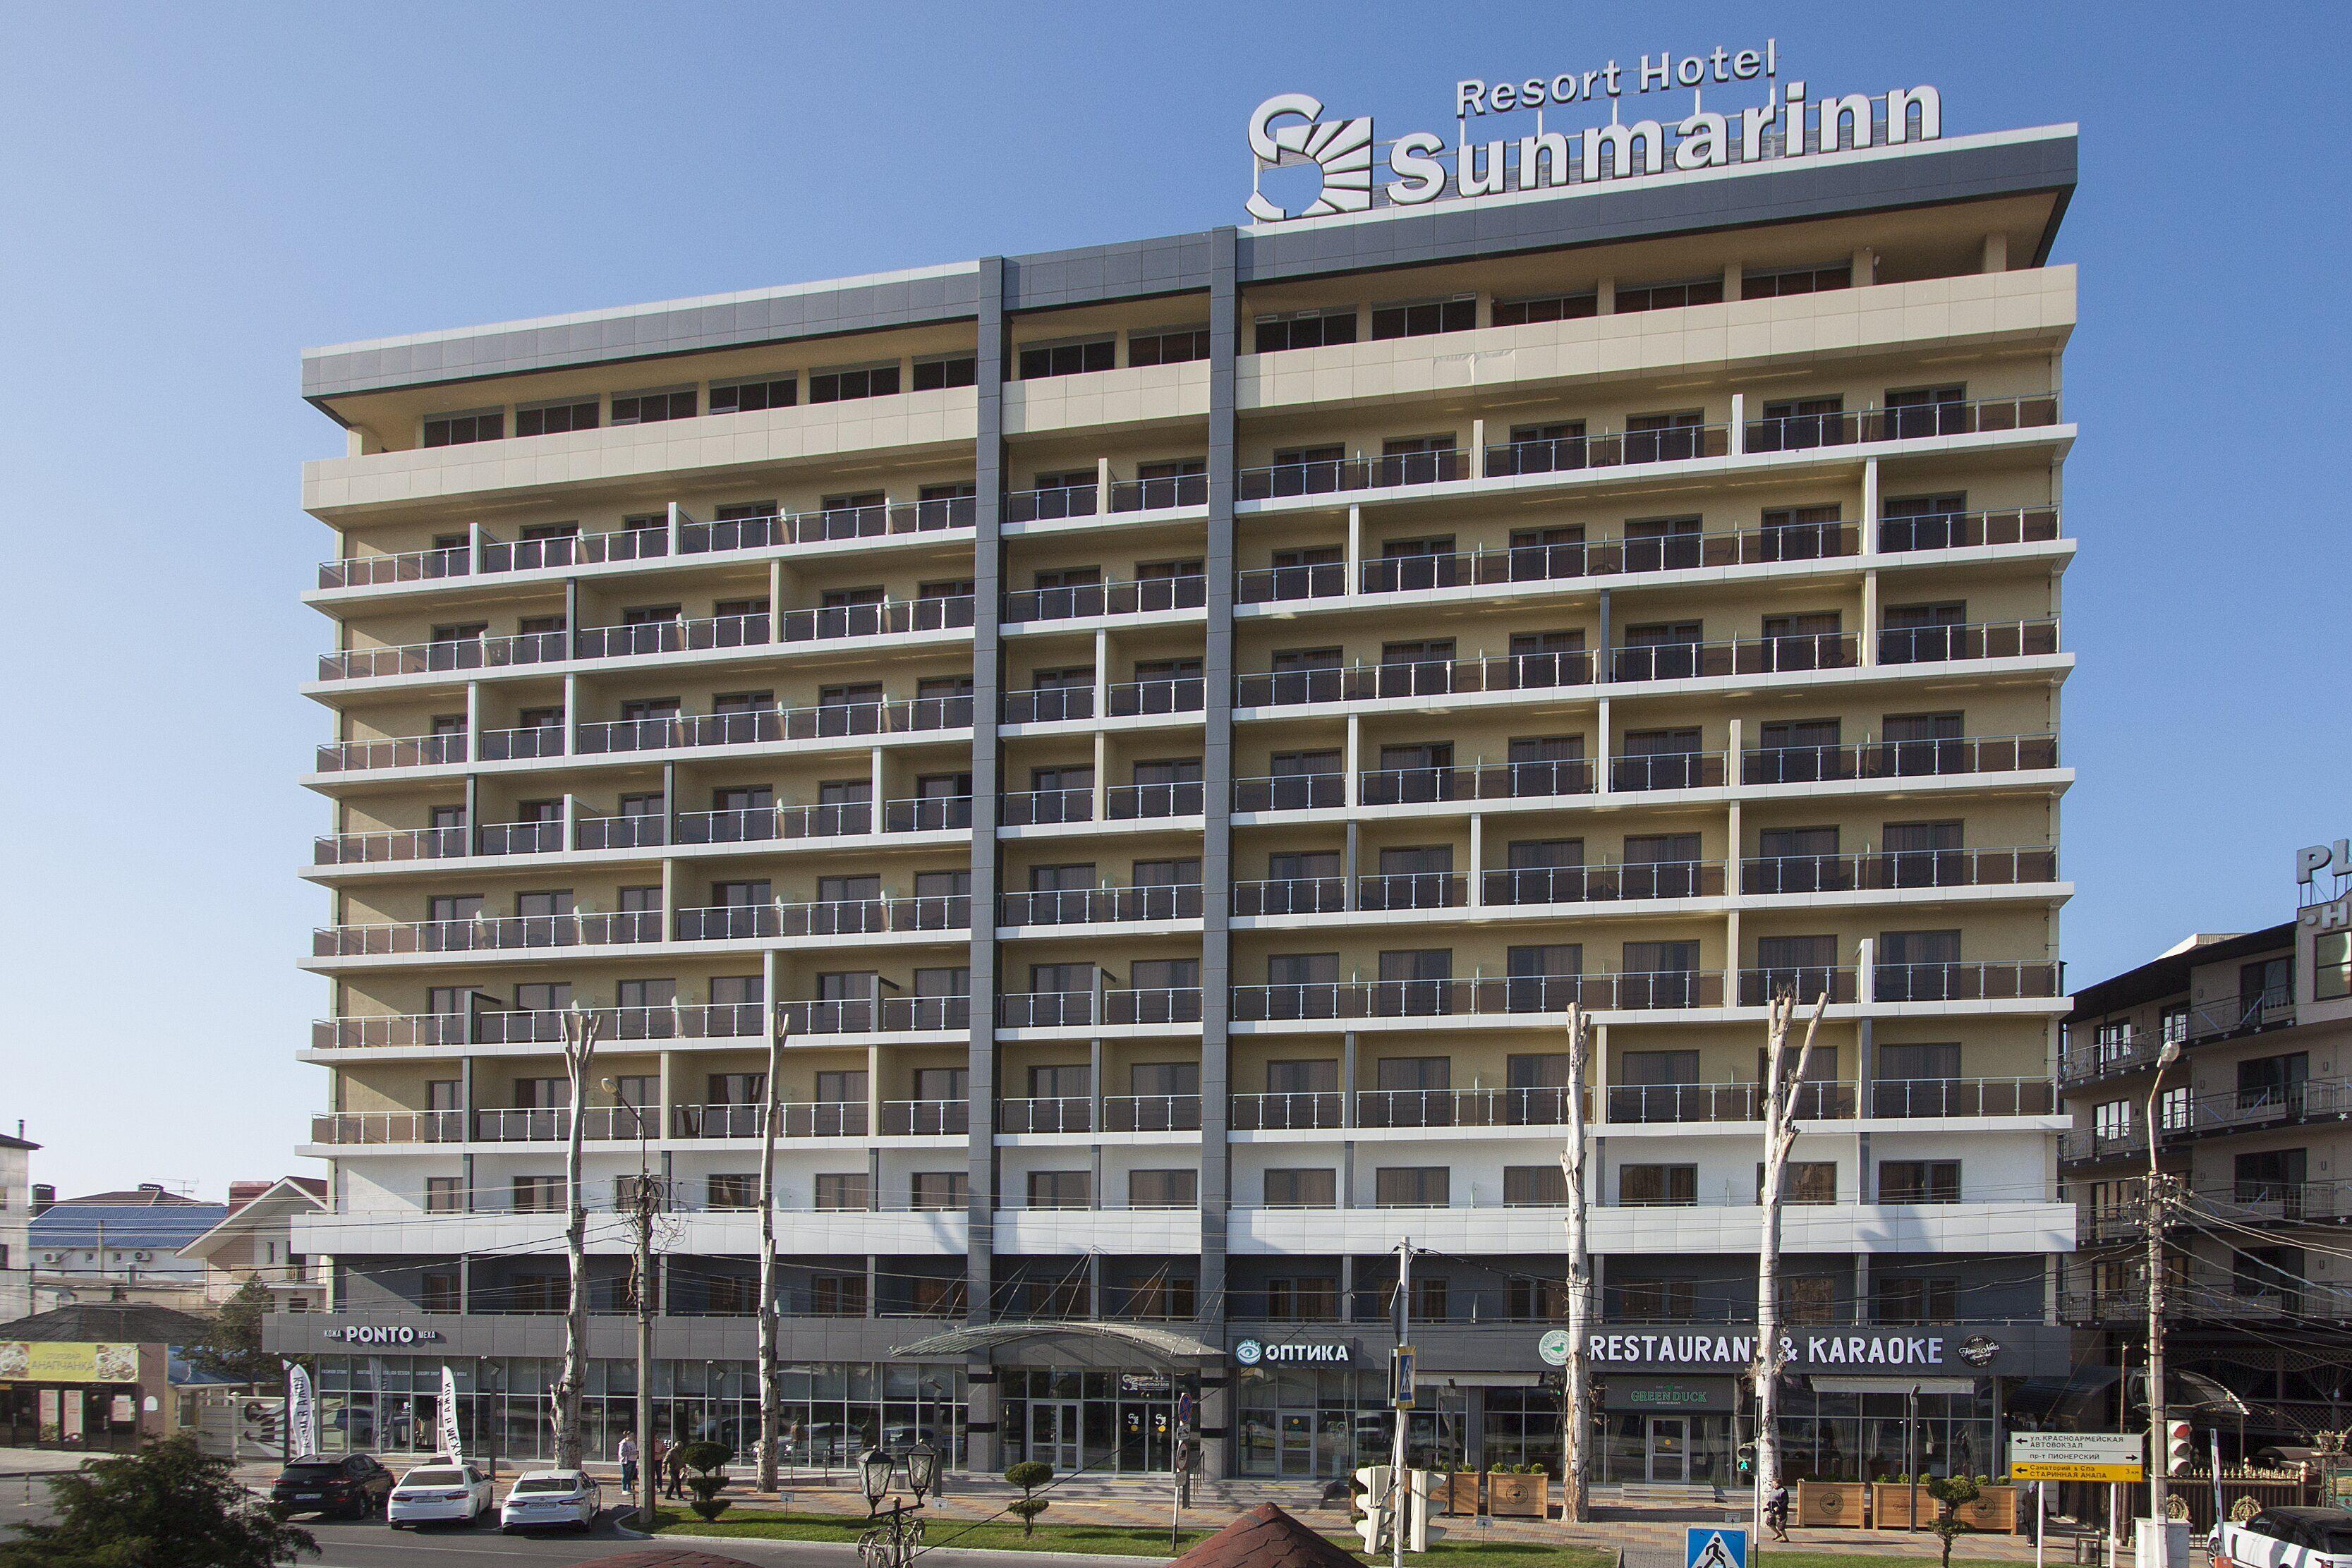 Отель СанМаринн Resort Hotel All inclusive (Анапа)